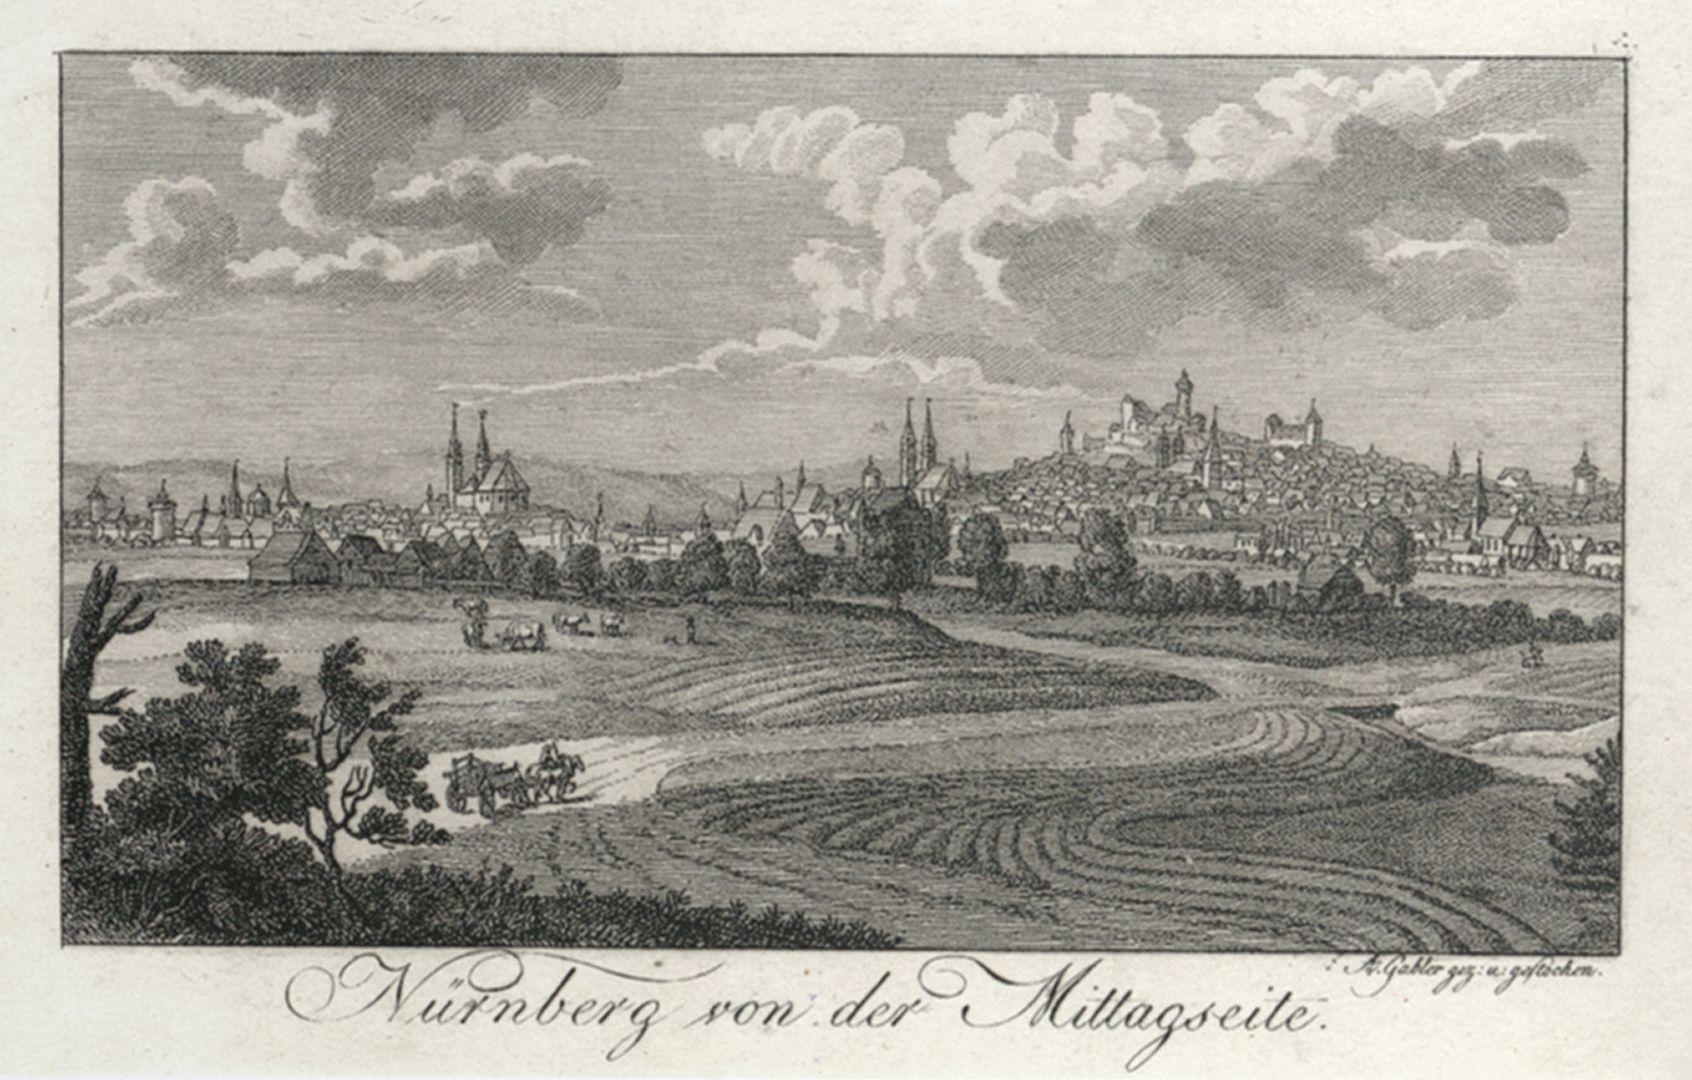 """Tasse mit Nürnberg-Ansicht von """"der Mittagsseite"""" (Süden) Vorlage von Ambrosius Gabler (1762–1834): Nürnberg von der Mittagseite. Radierung, 1809."""